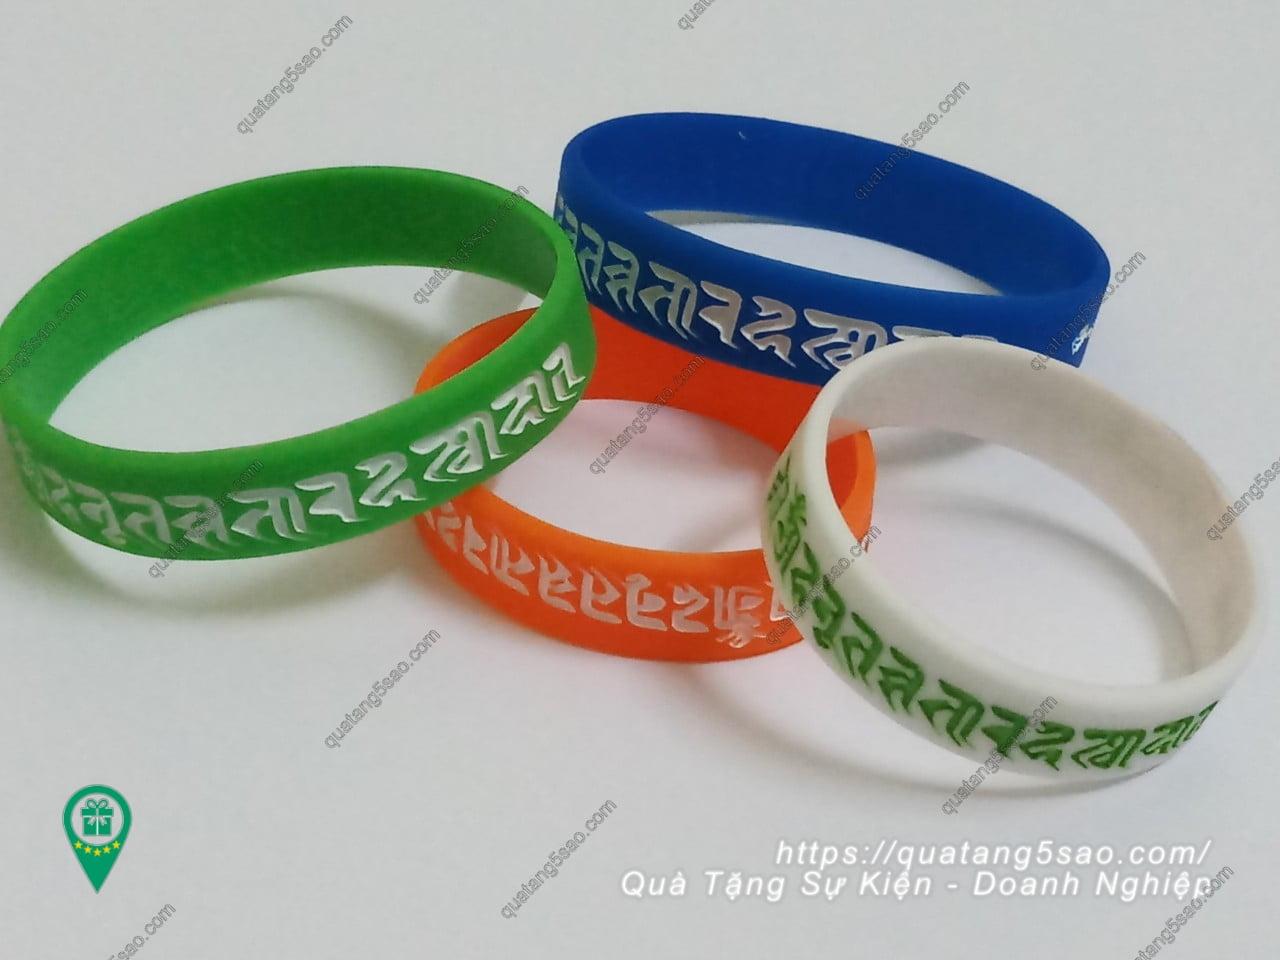 Các loại vòng tay cao su tiếng Phạn thường được đặt hàng